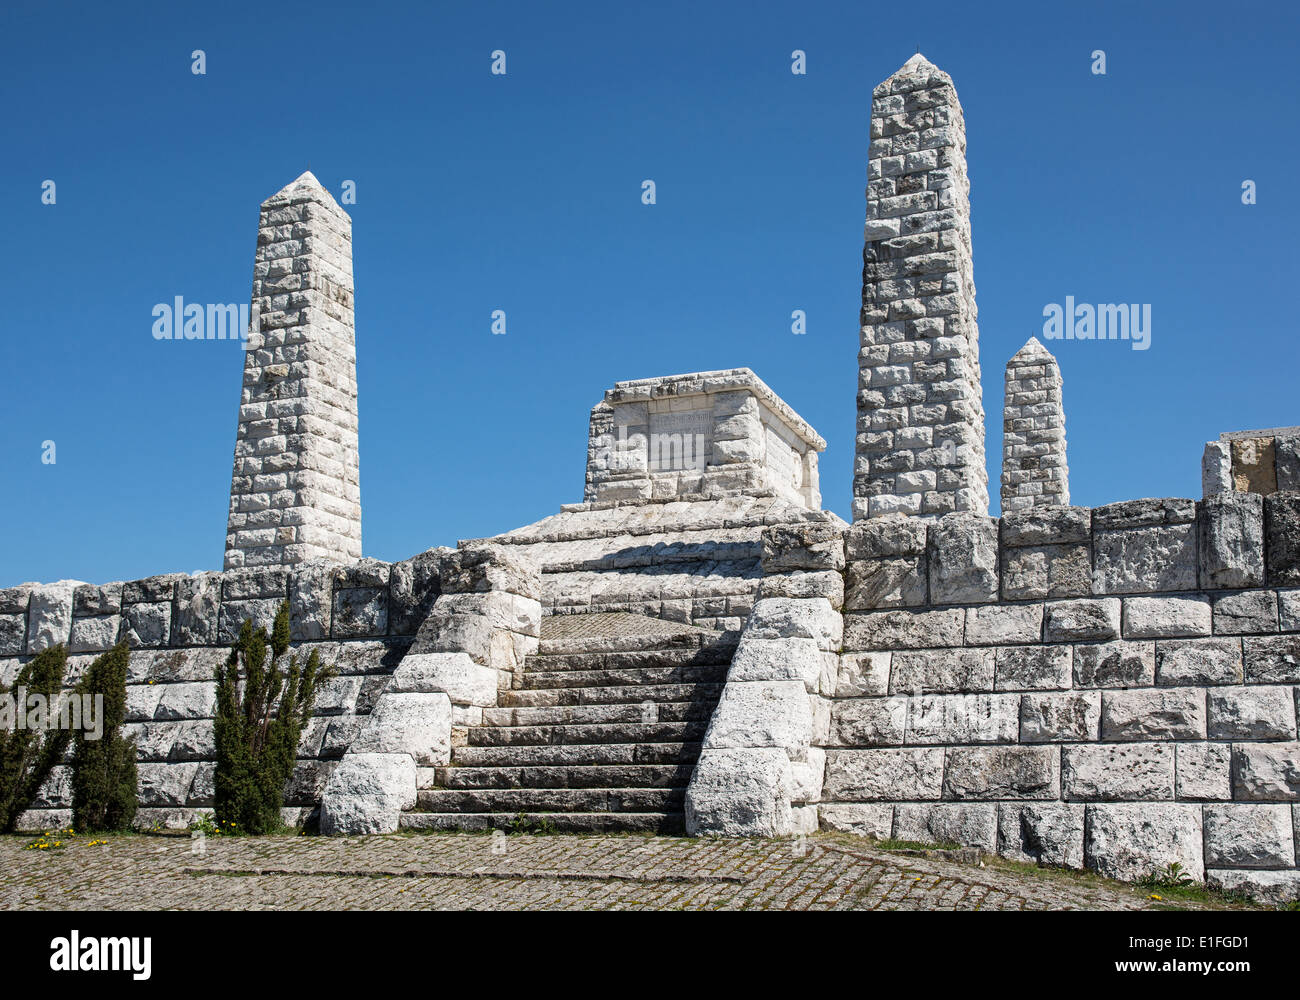 Stefanik's tomb on the Bradlo hill in Brezova pod Bradlom, Slovakia. Reverent place. - Stock Image